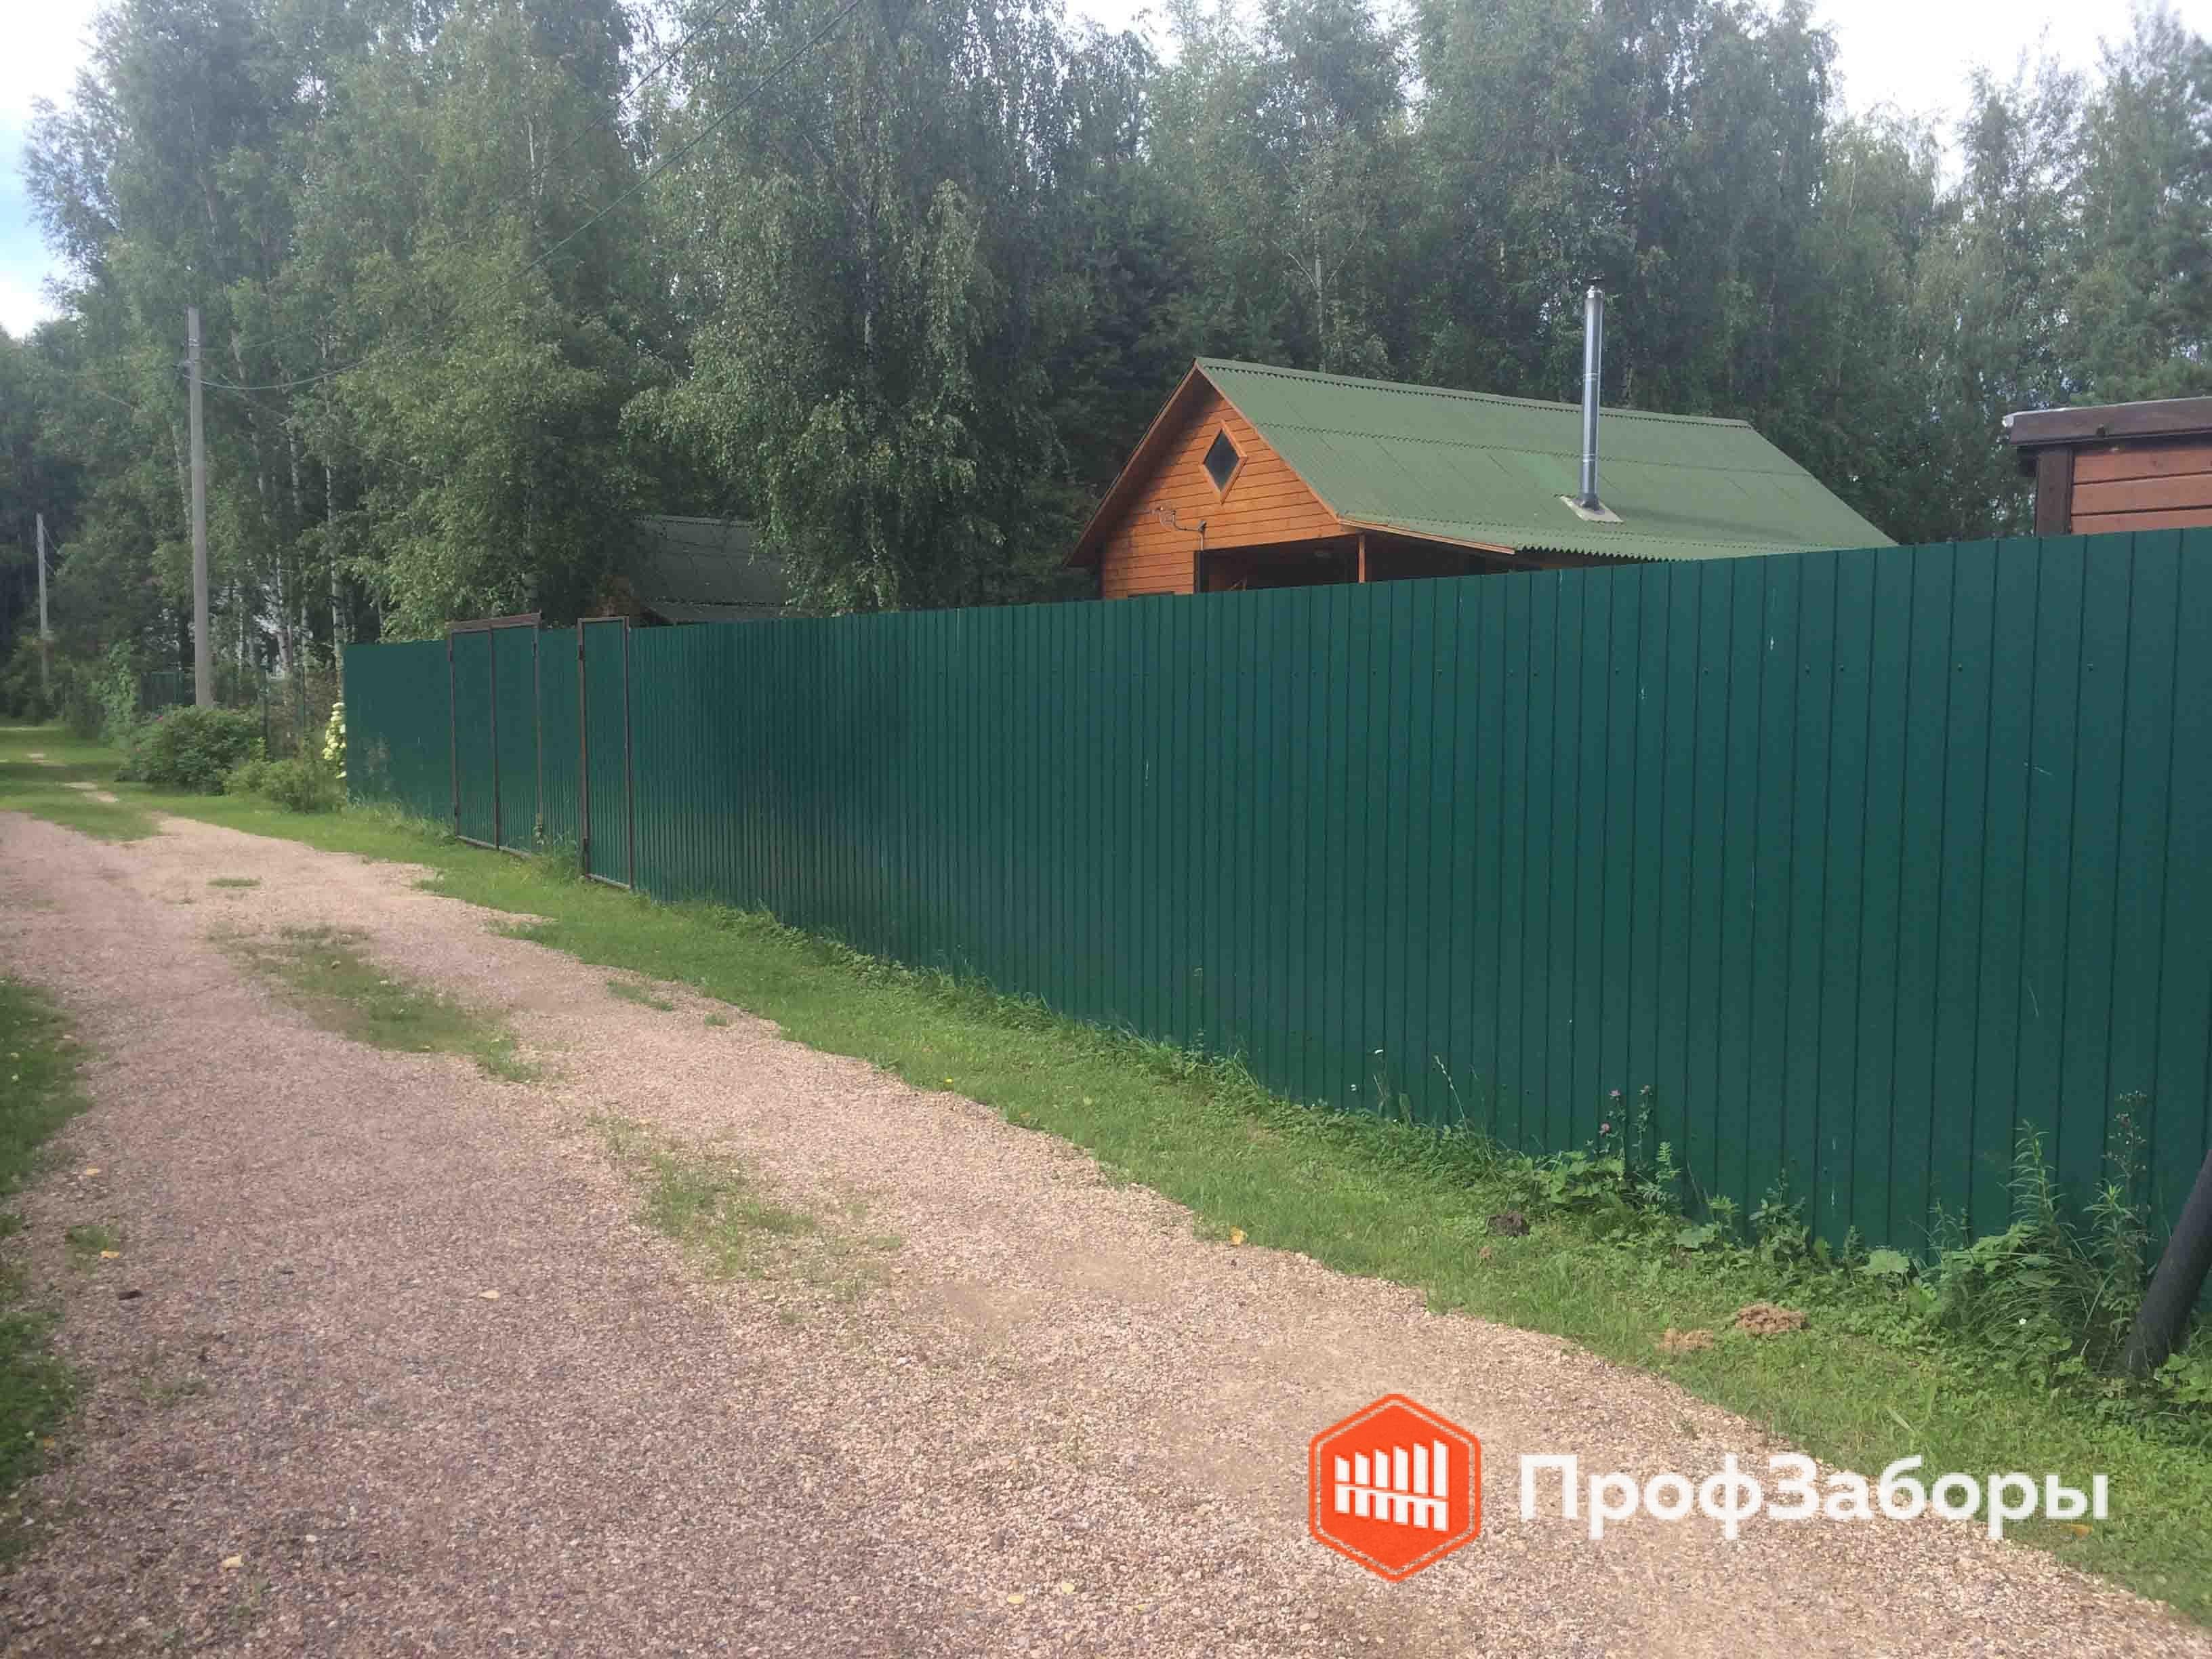 Заборы Из профнастила  - Серпуховский район. Фото 4